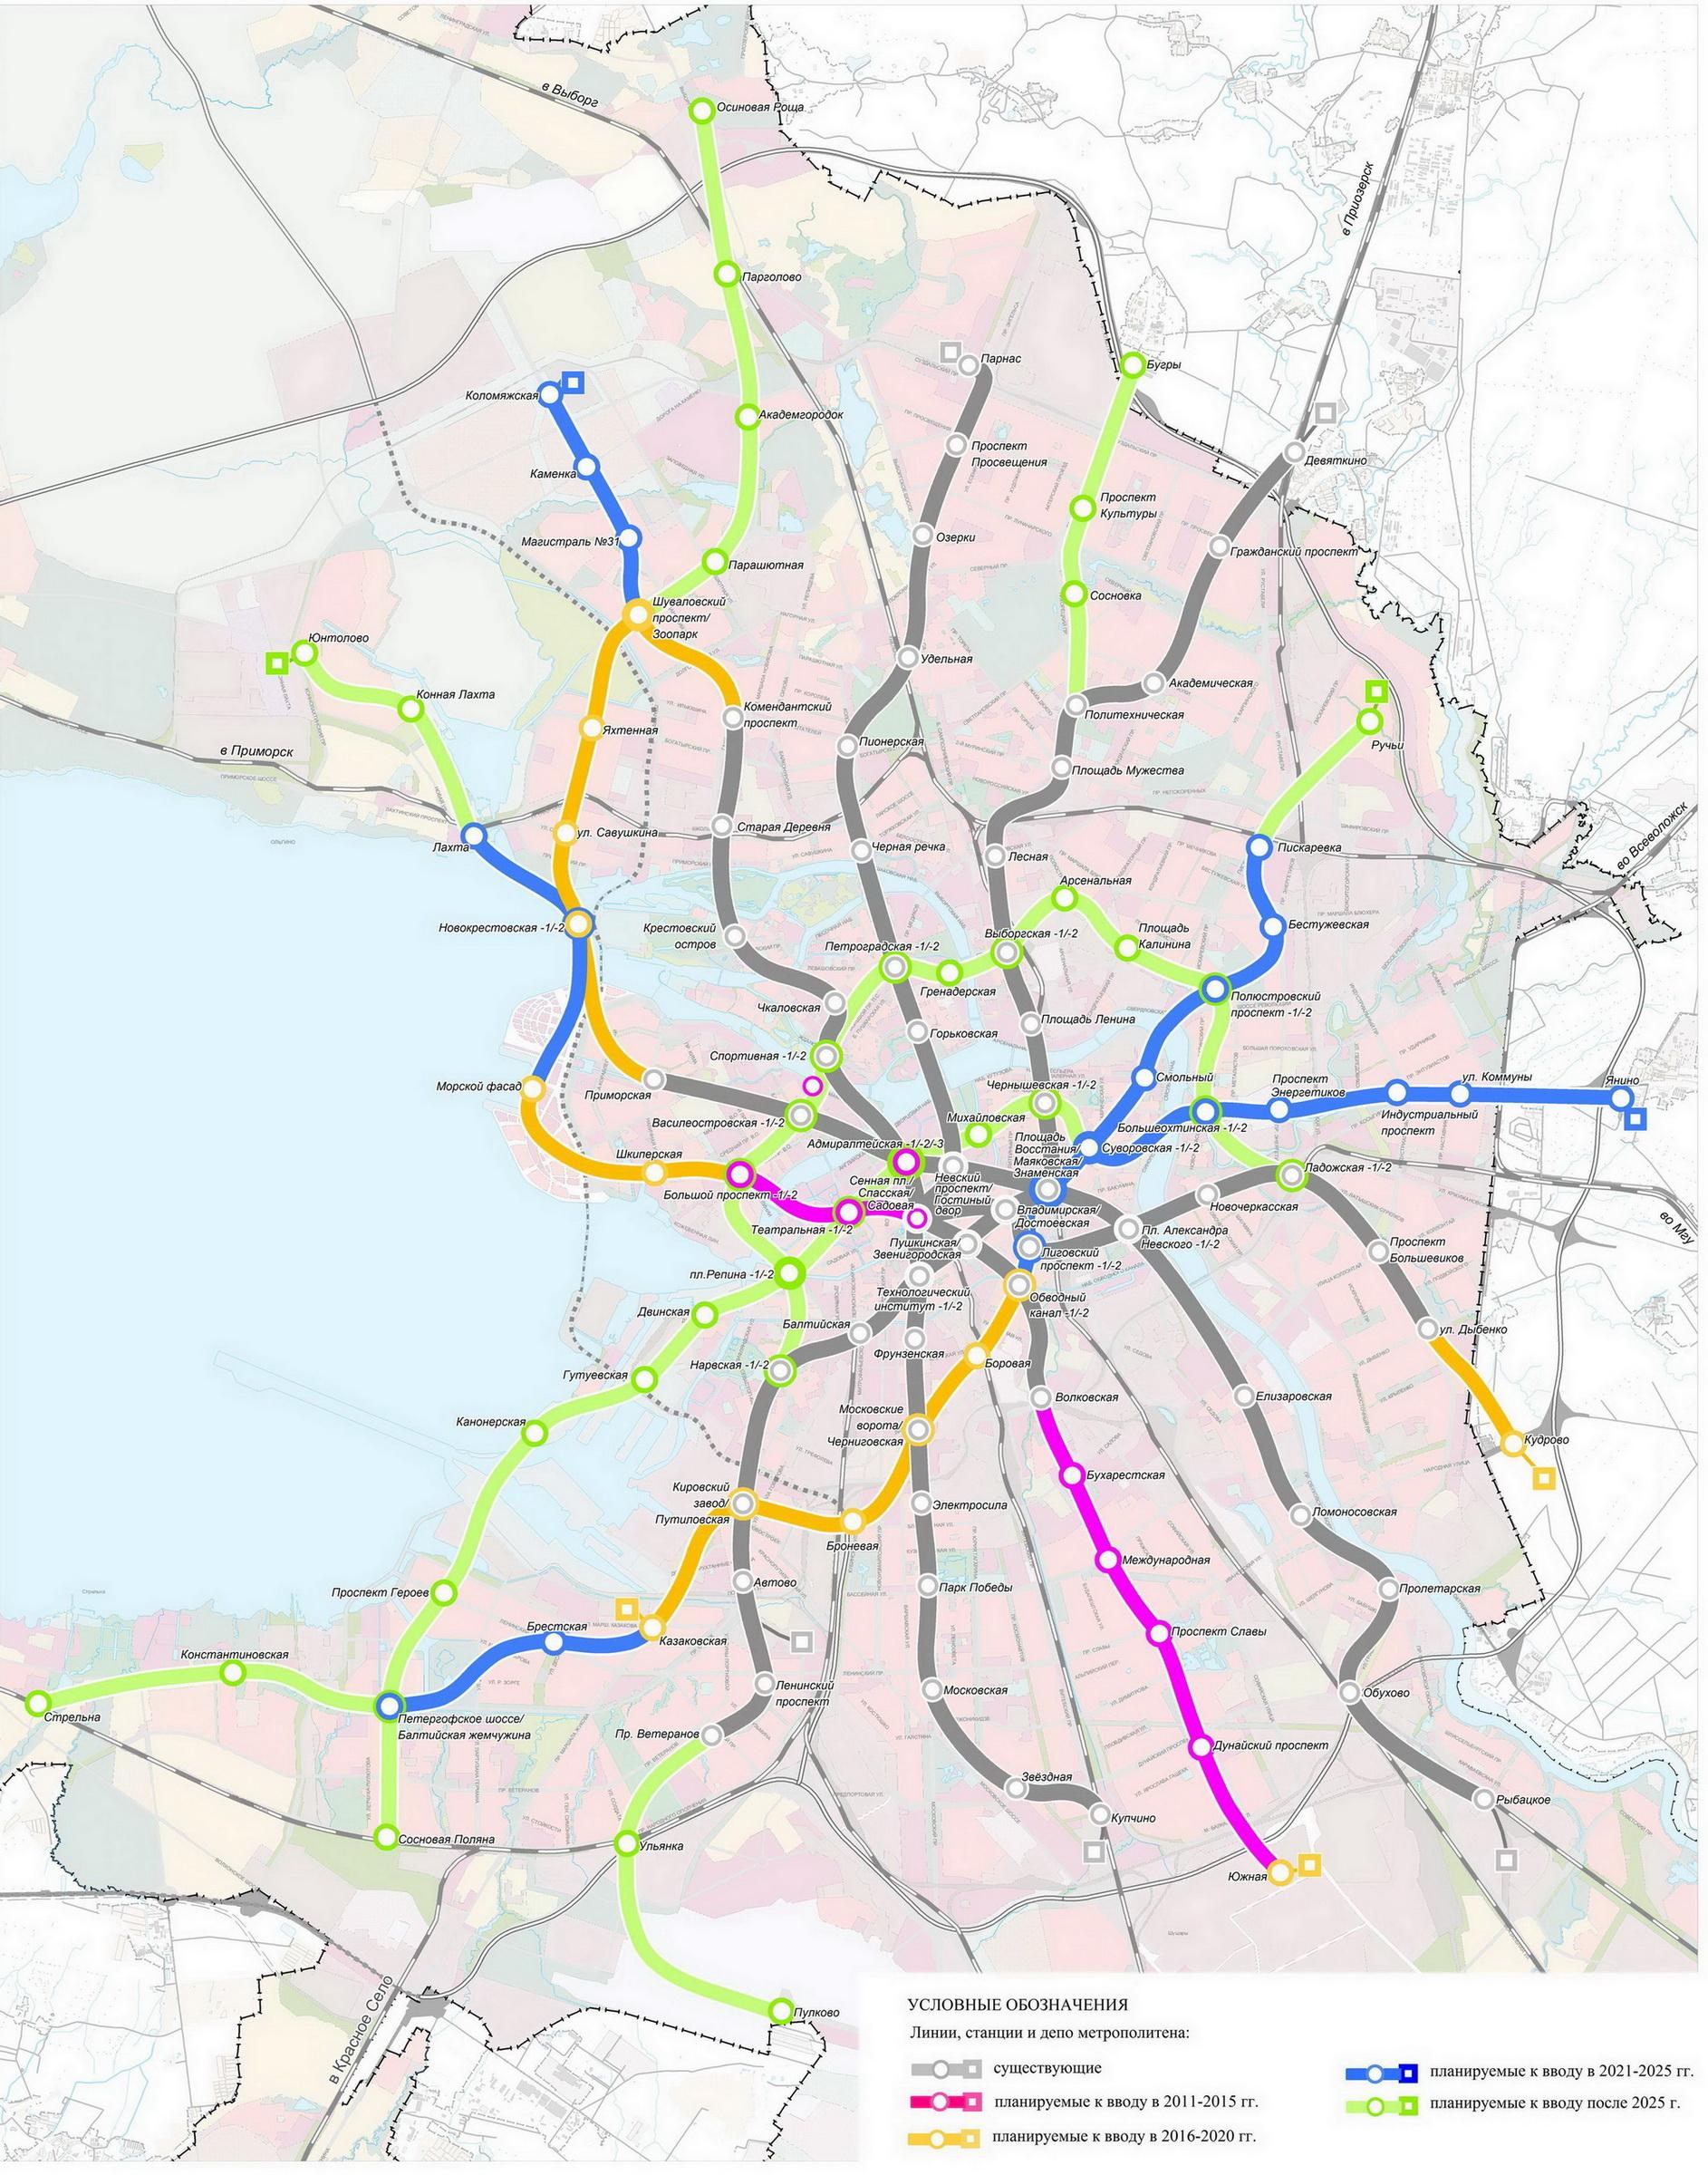 перспектвная схема развития московского метрополитена